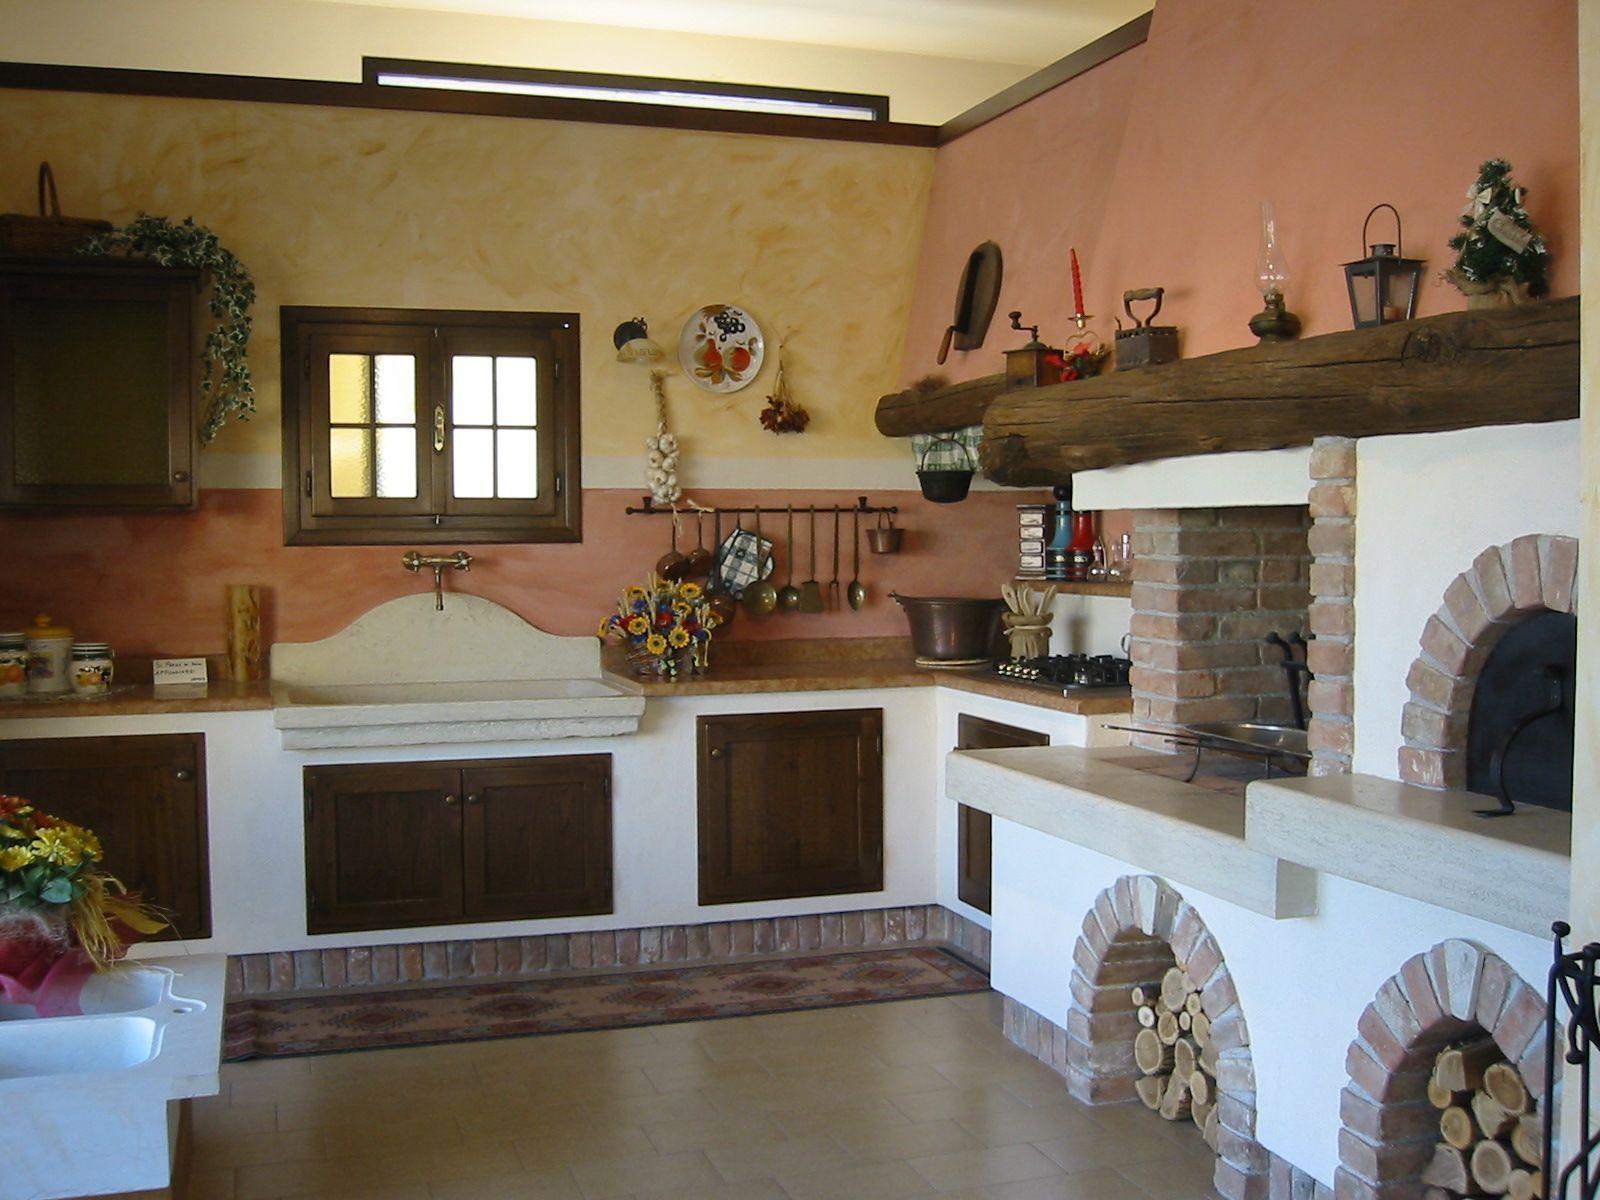 cucine da sogno rustiche - Cerca con Google  CASA DOLCE CASA  Pinterest  S...